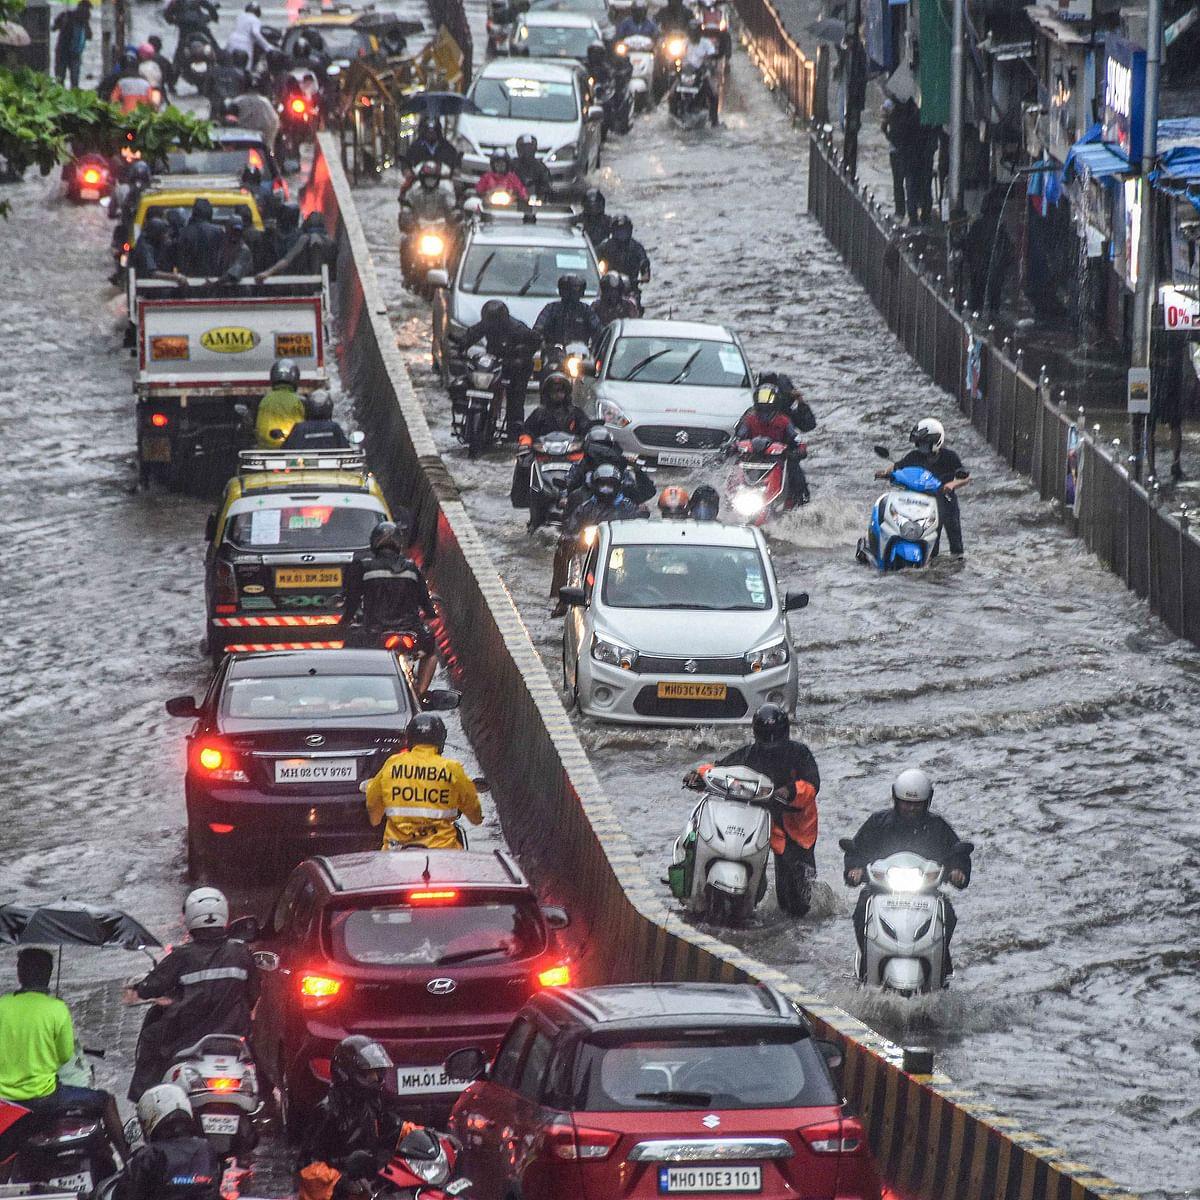 RDMC gears up as Thane braces for heavy rainfall